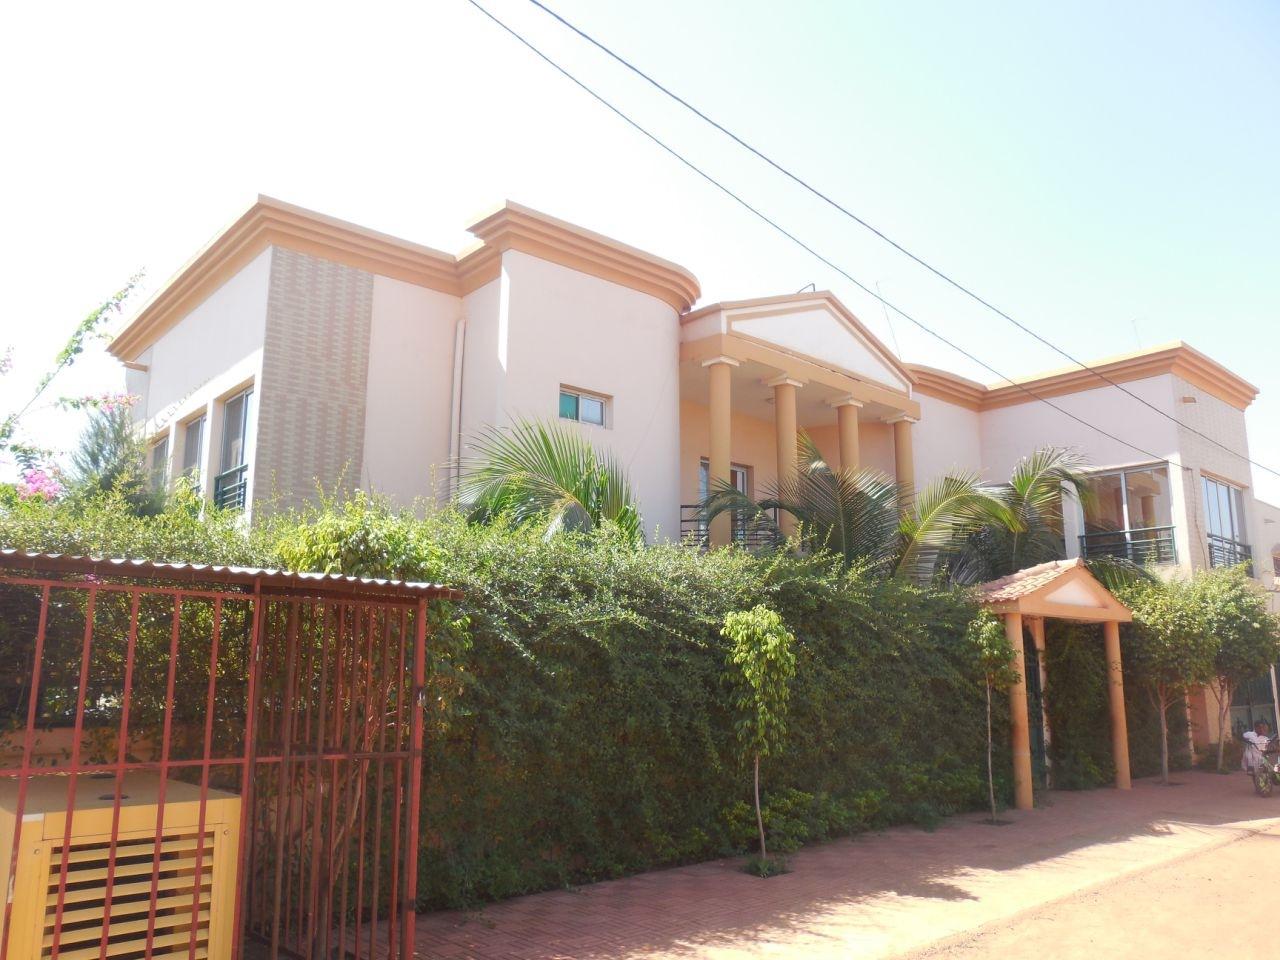 location villa baco djicoroni baco djicoroni - Construire Une Maison Au Mali